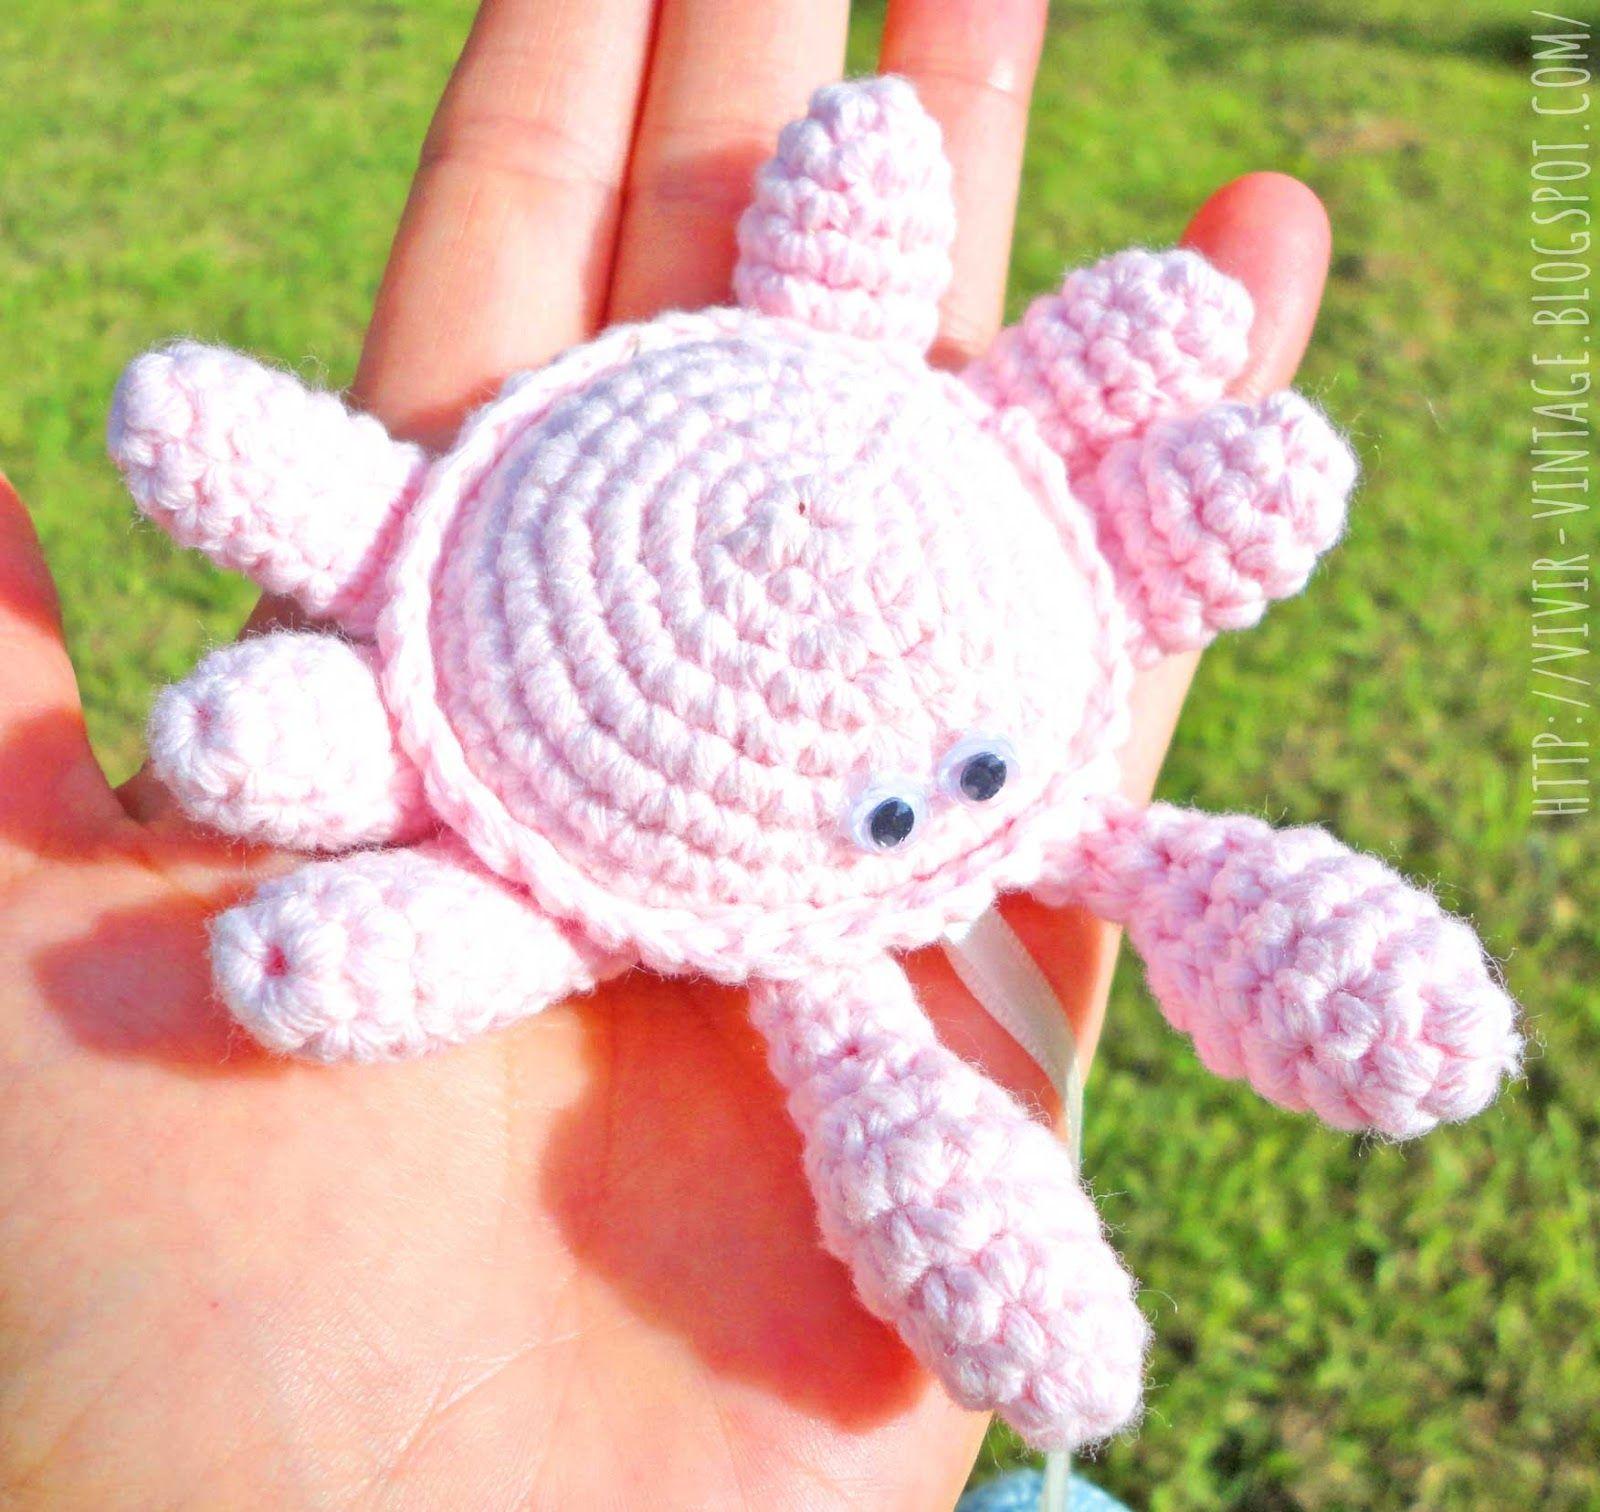 patron gratis - amigurumi - facil - cangrejo - crochet - como hacer ...